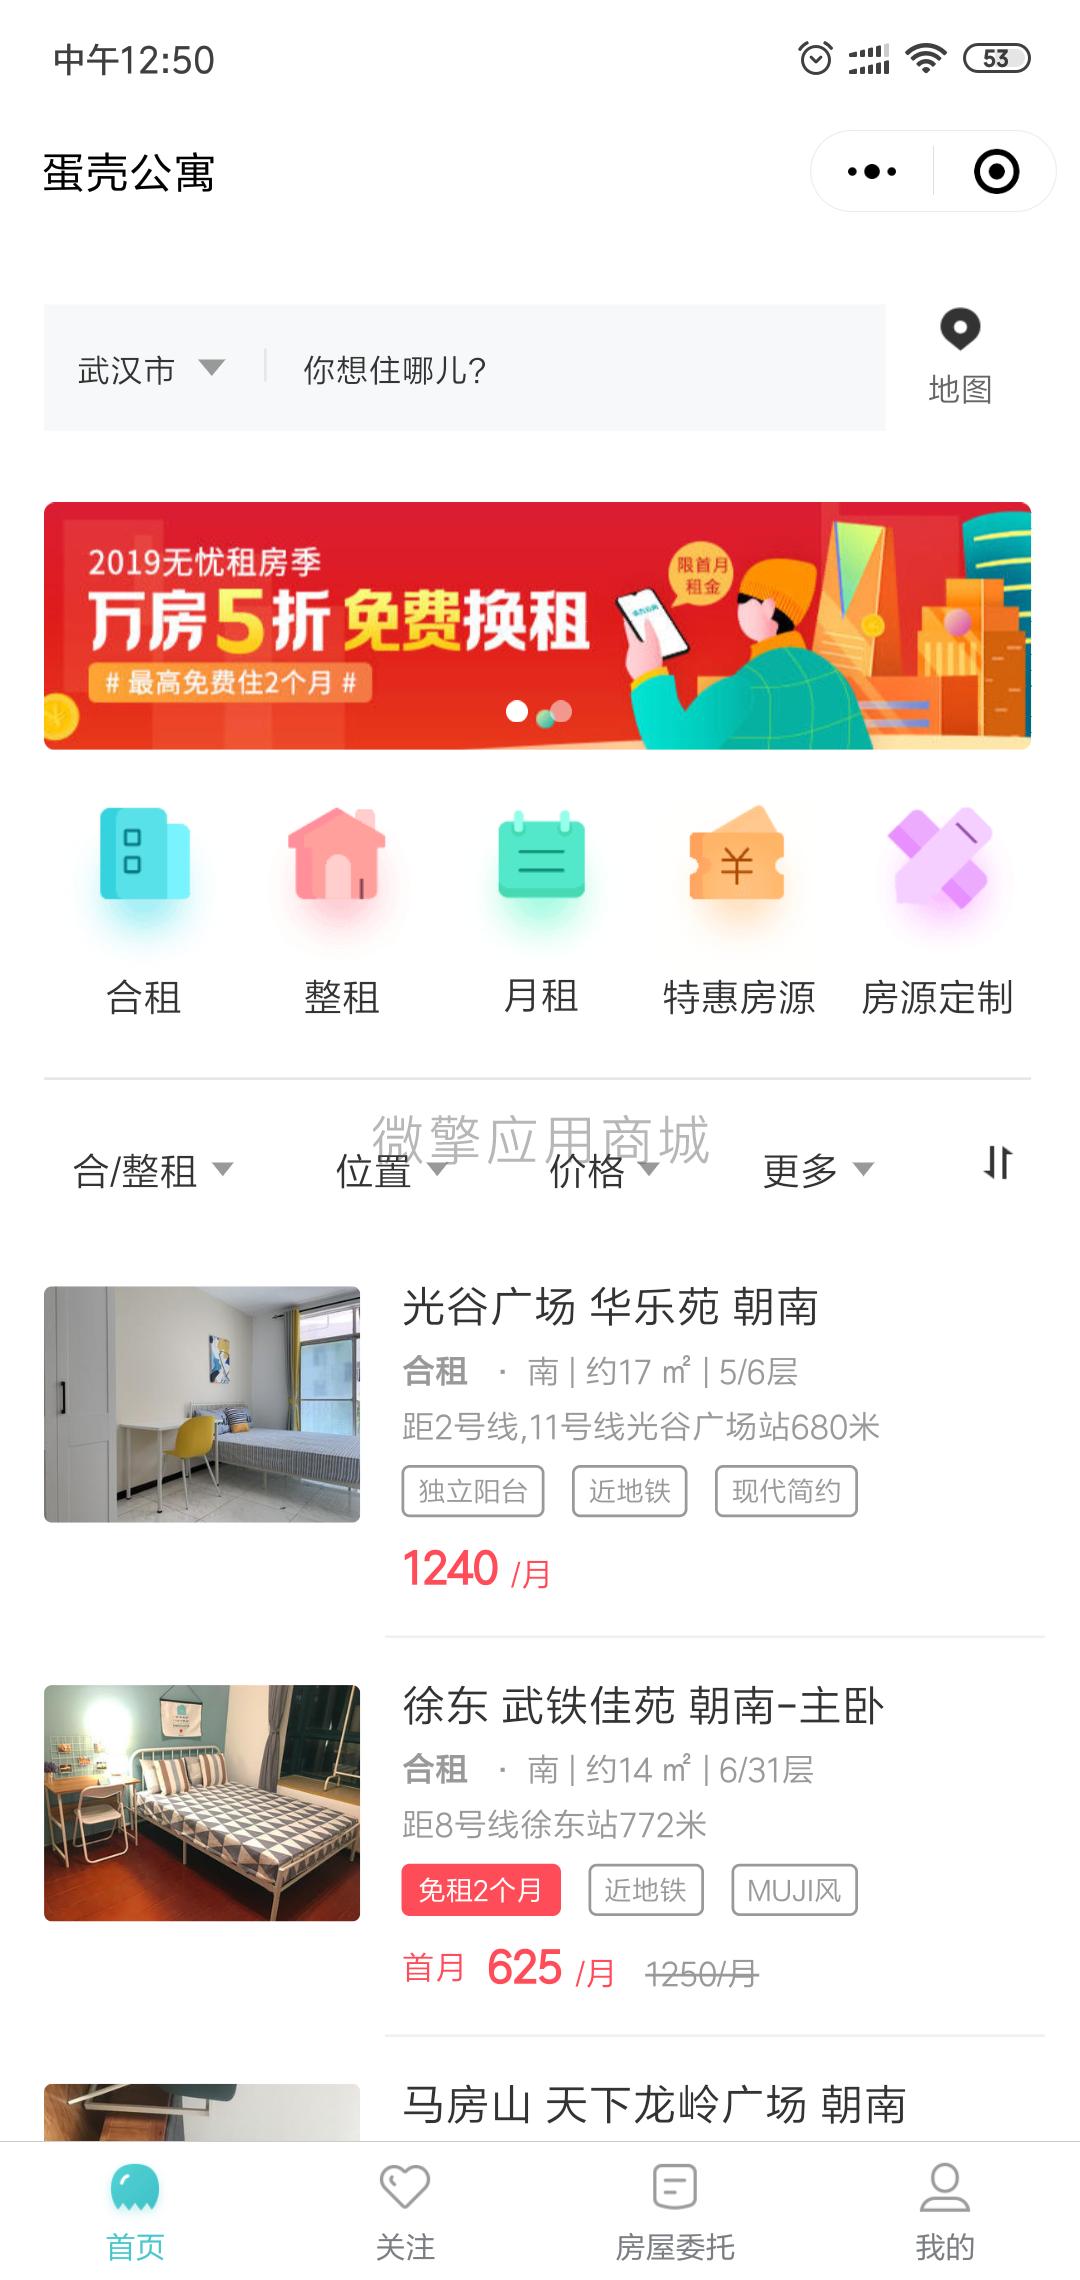 wq模块微客公寓出租房小程序1.0.13+前端-渔枫源码分享网